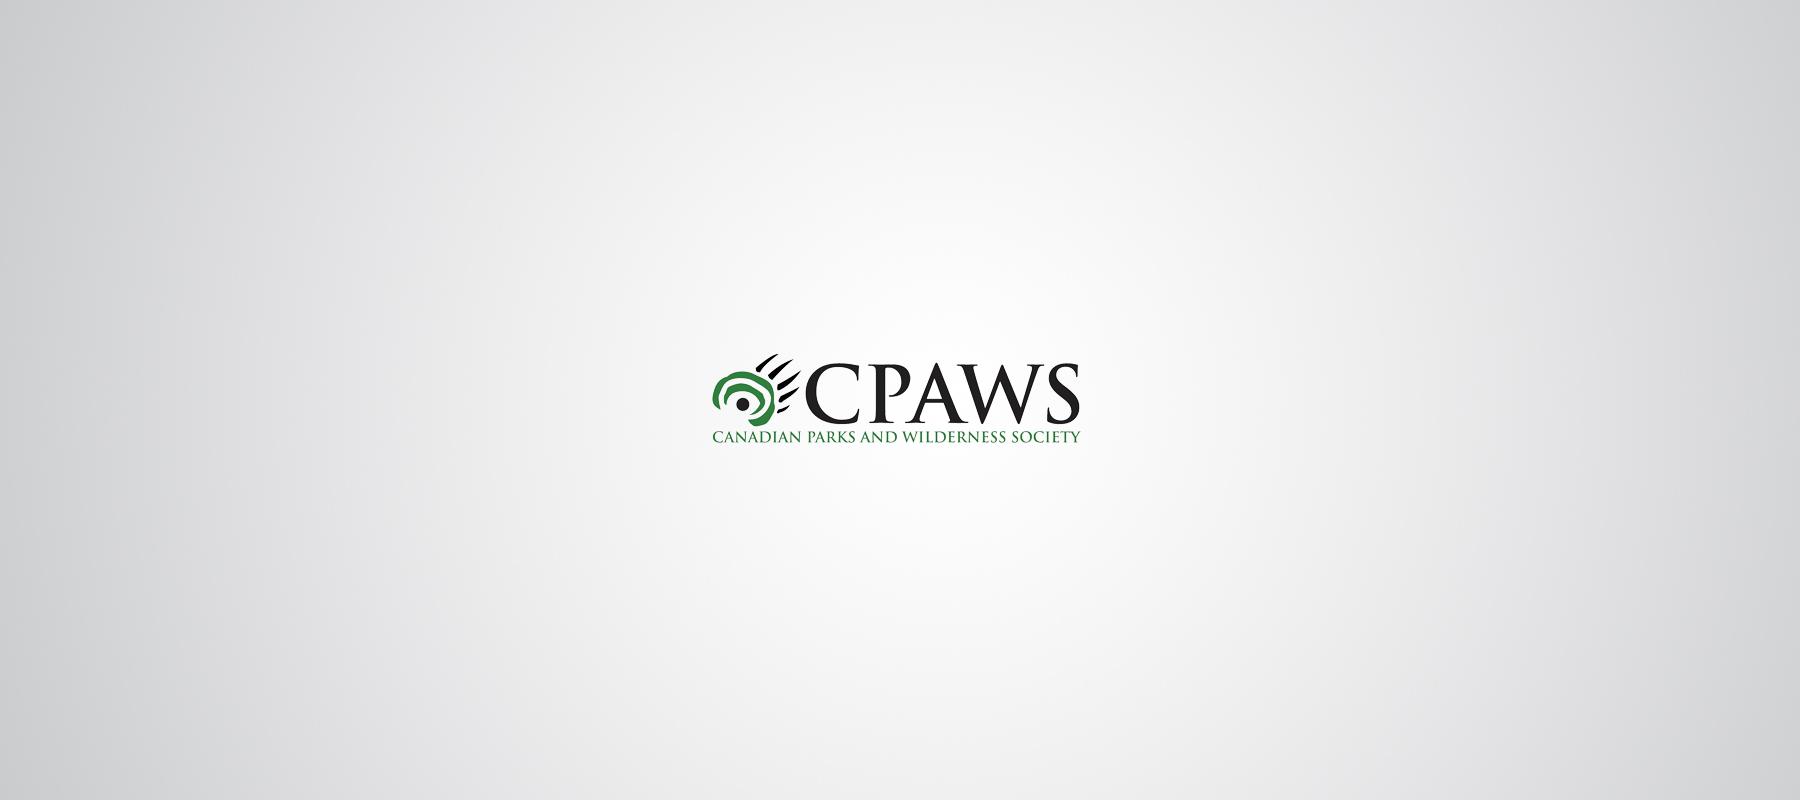 CR_Logos_CPAWS_1800x800_work.jpg